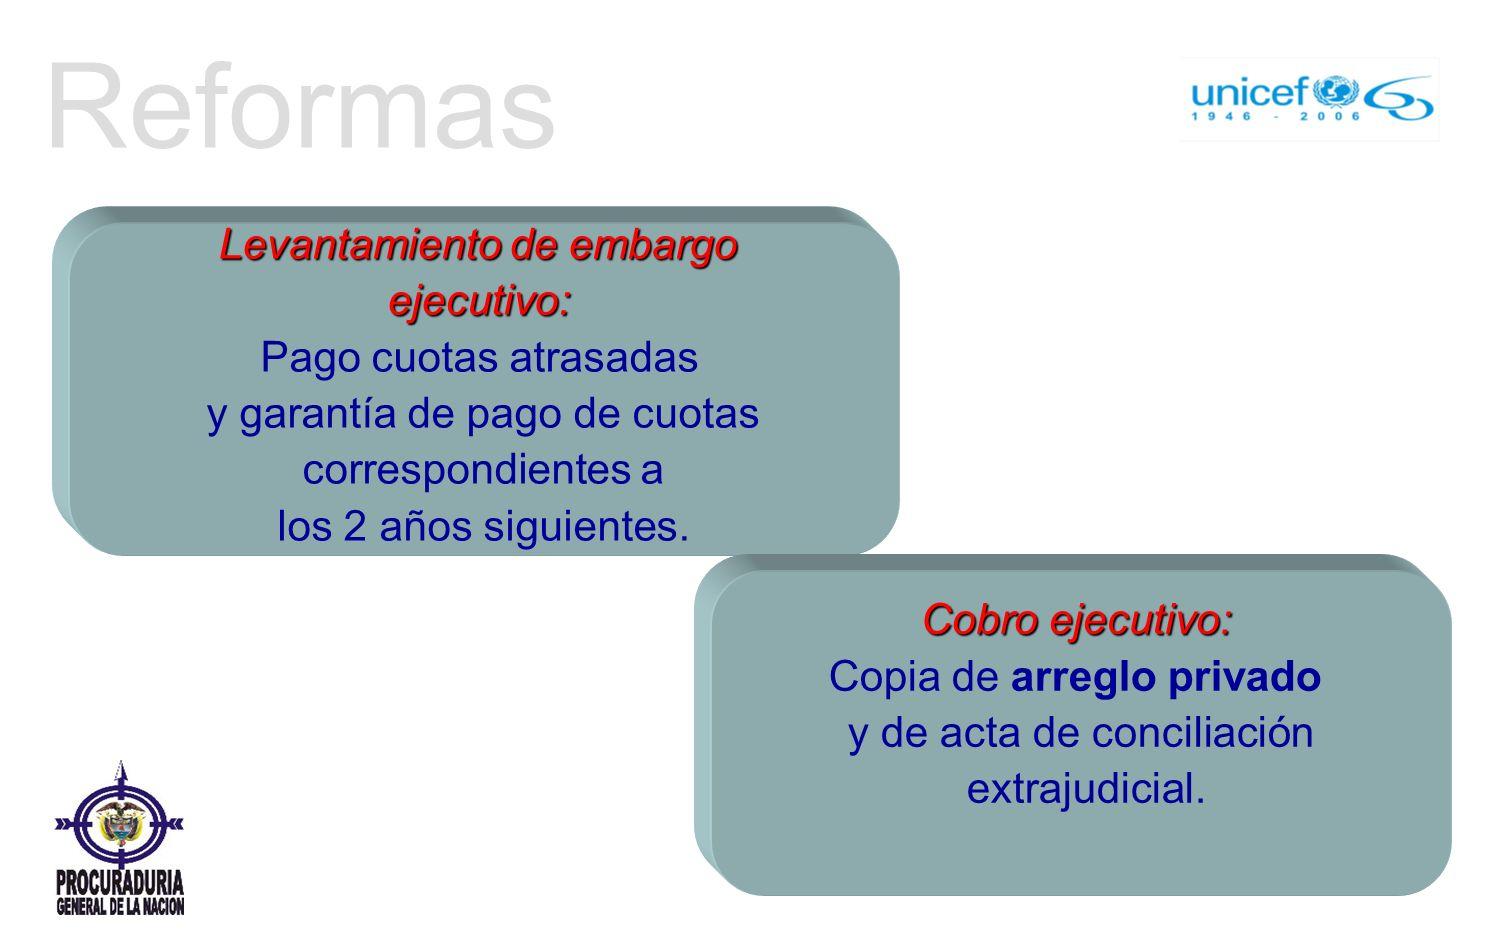 Reformas Levantamiento de embargo ejecutivo: Pago cuotas atrasadas y garantía de pago de cuotas correspondientes a los 2 años siguientes.